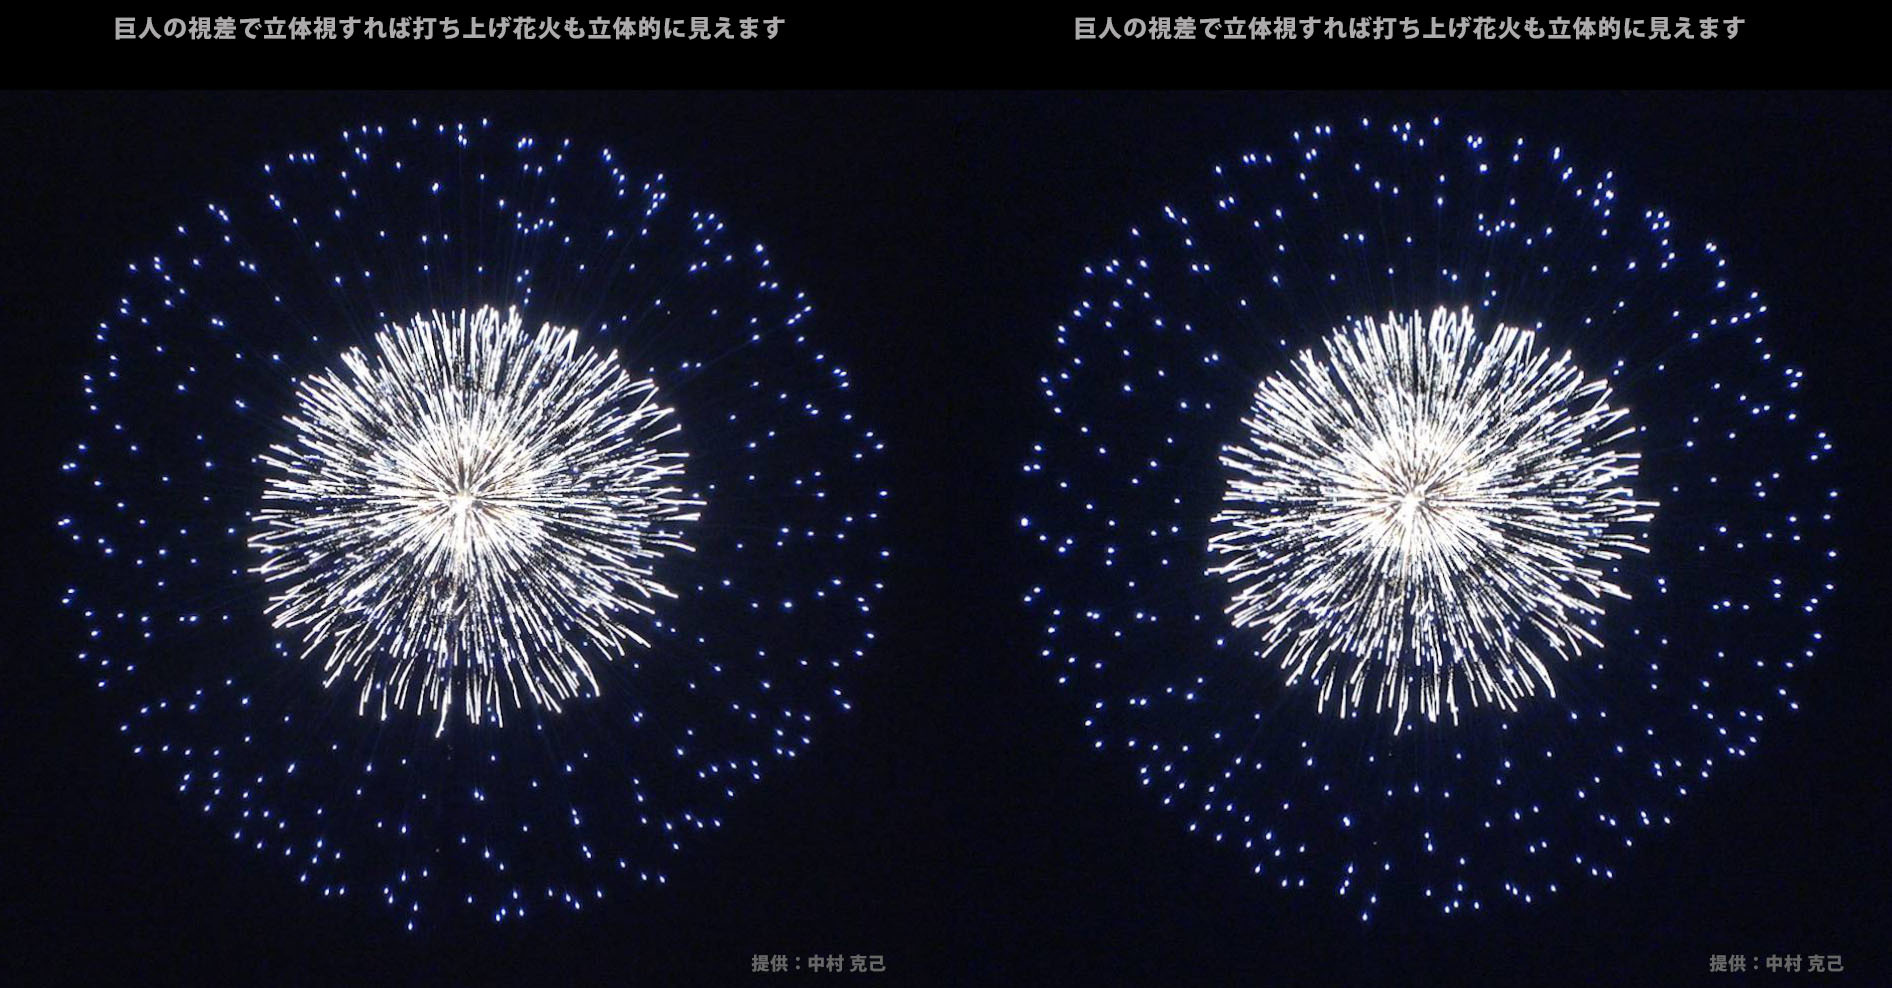 2018_巨人の目線と小人の目線_10